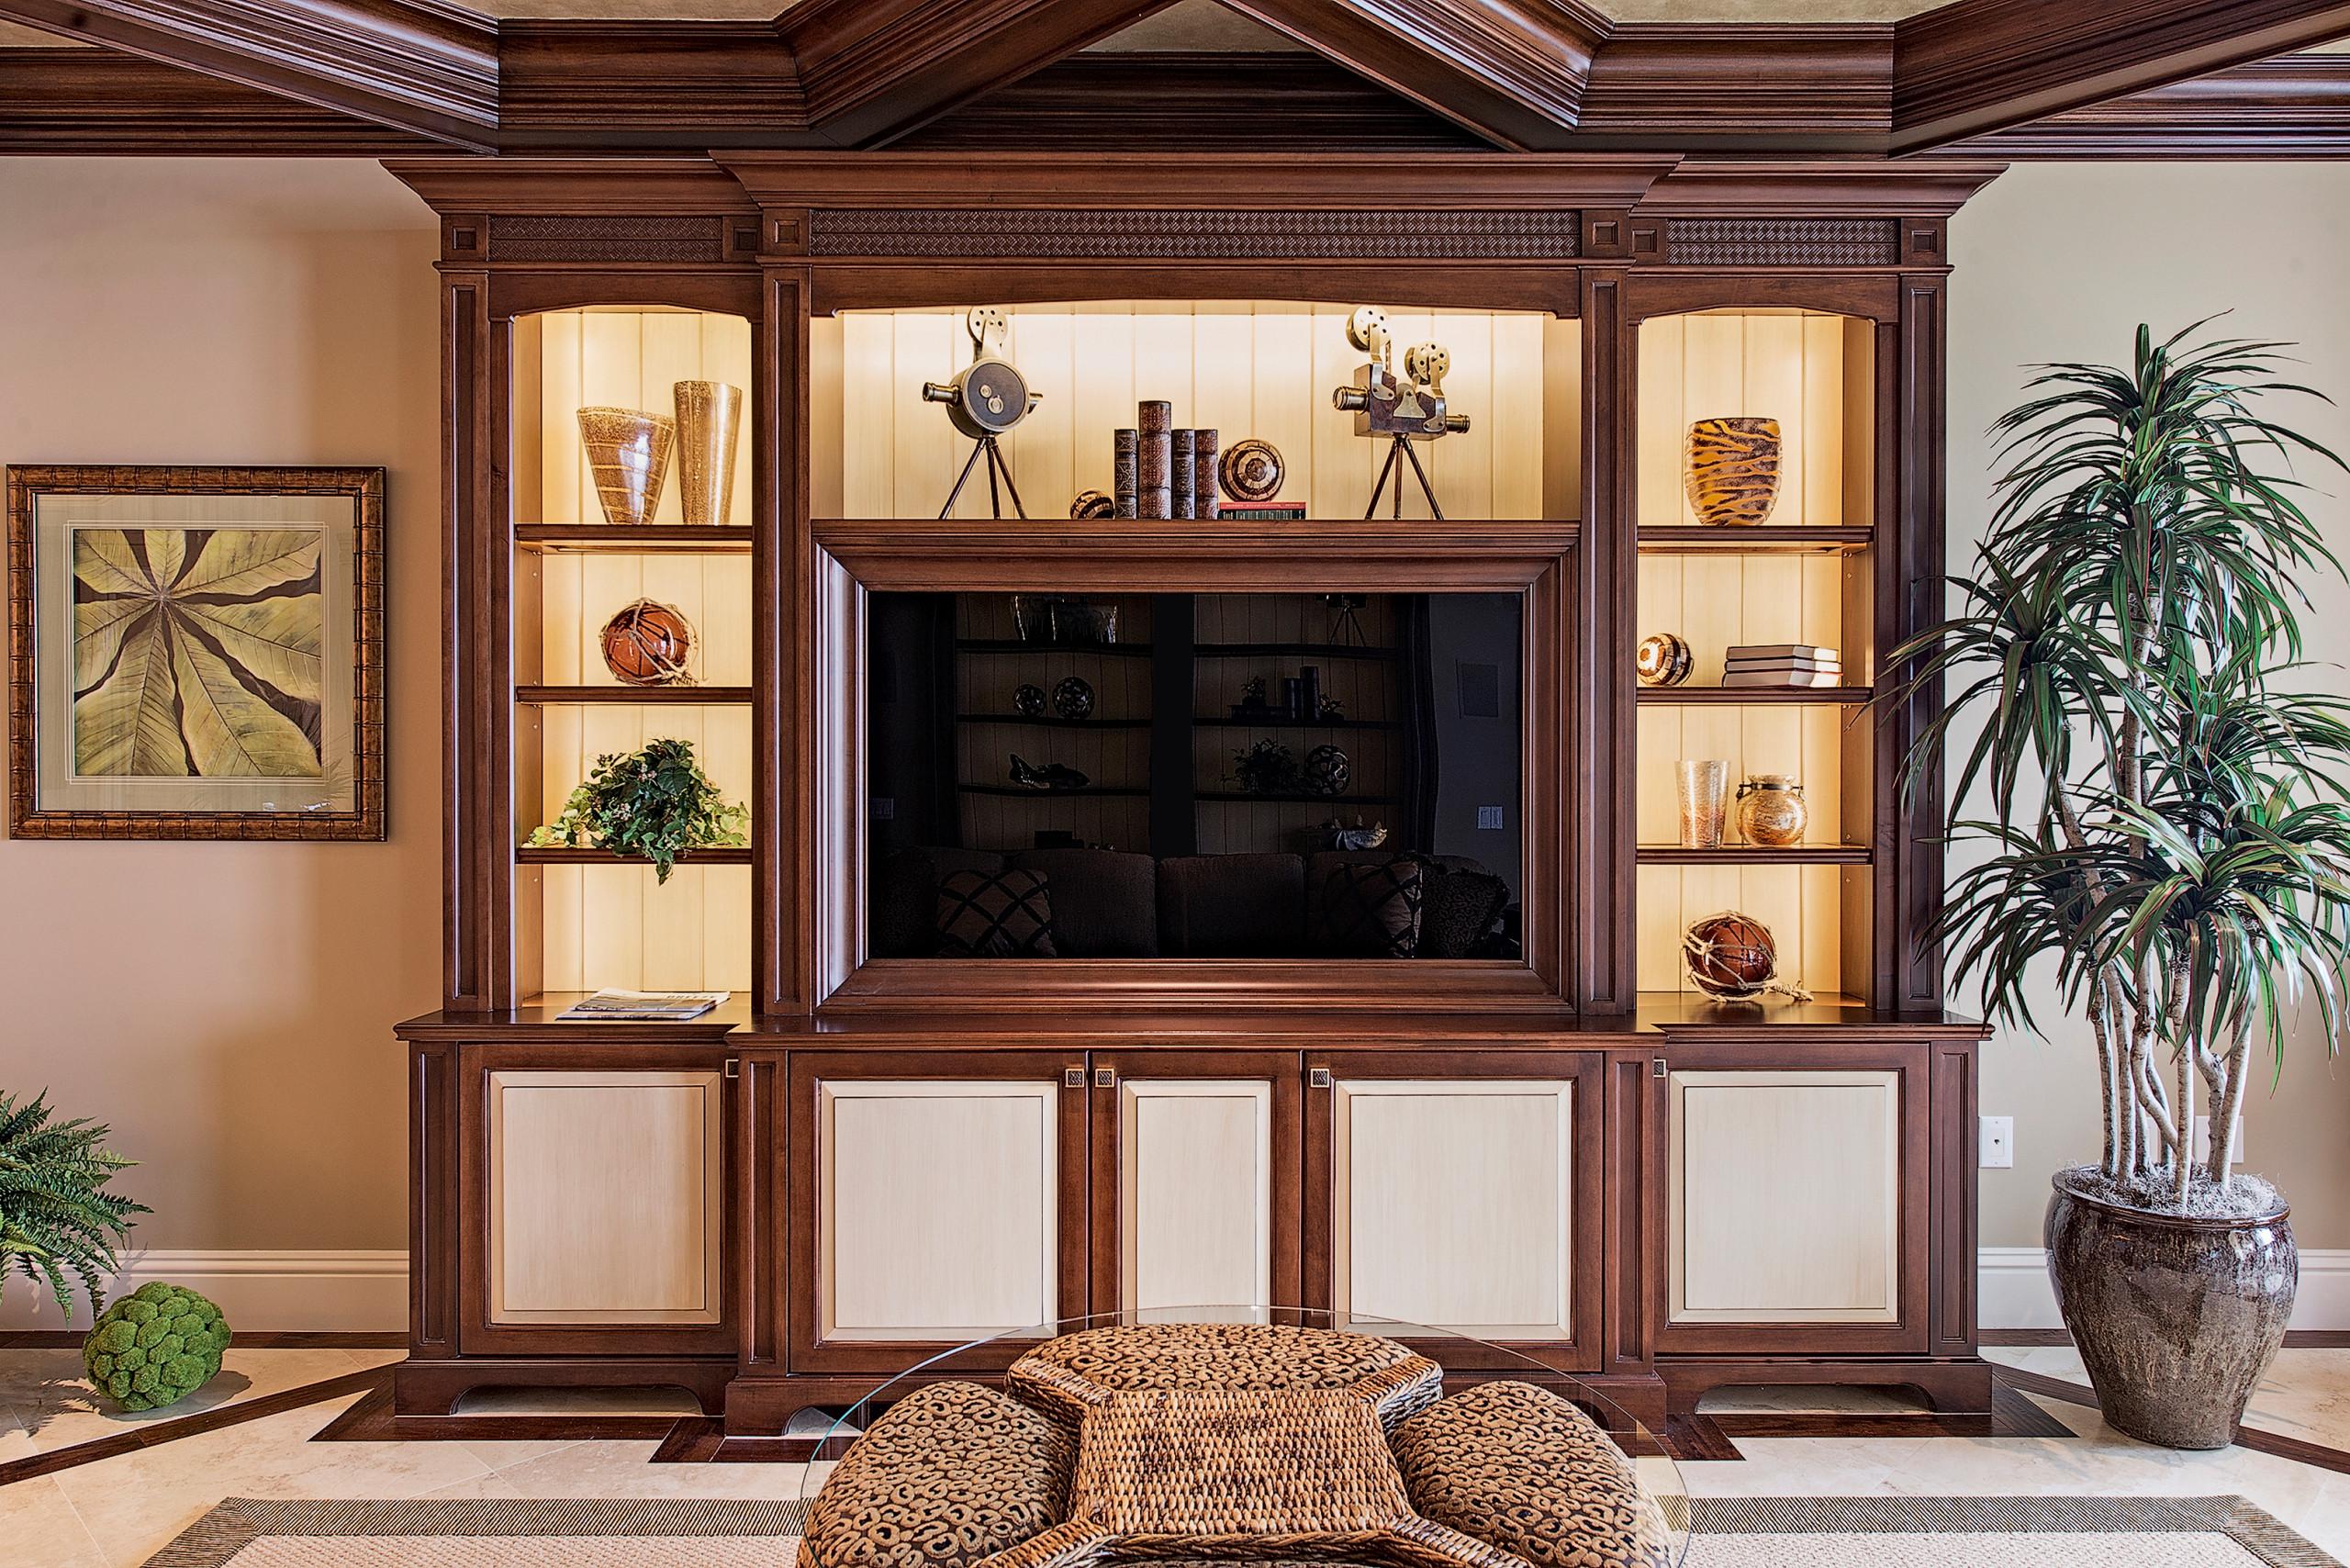 Certified Luxury Builders - 41 West - Veracruz Condo 2 Remodel